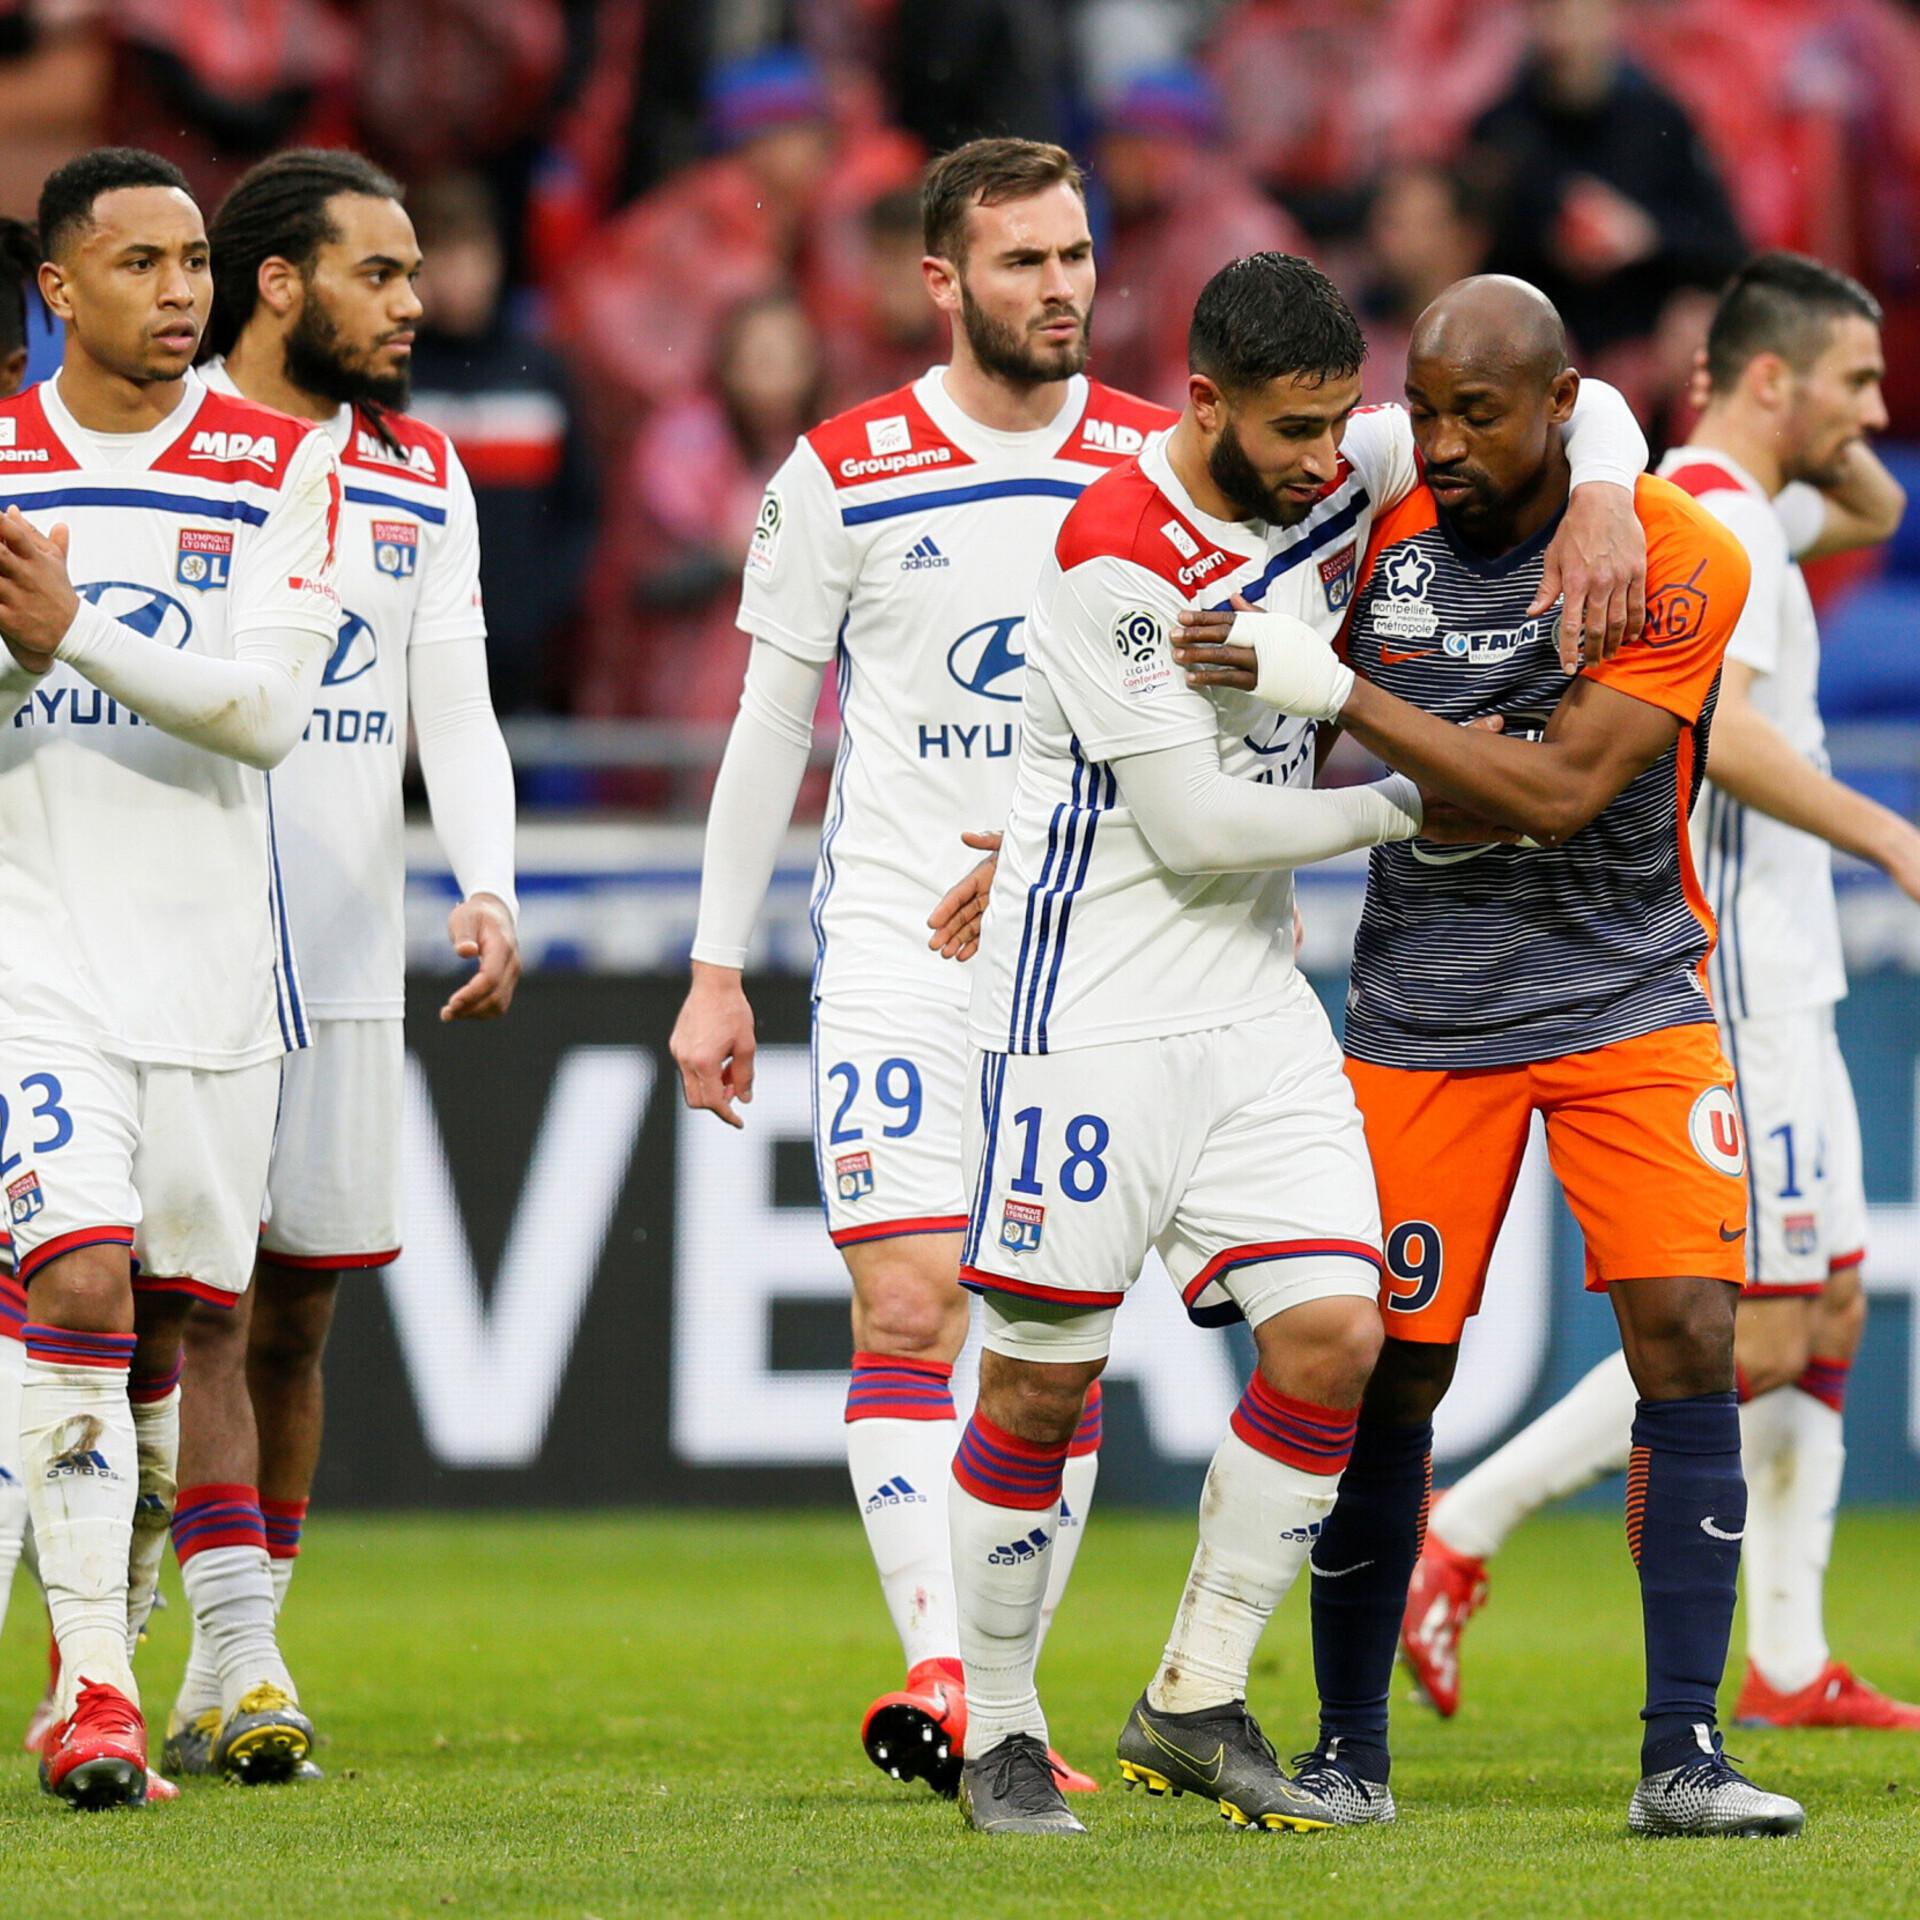 afc2a8bd457 36-aastane jalgpallur tegi Prantsusmaa liiga ajalugu | Jalgpall | ERR